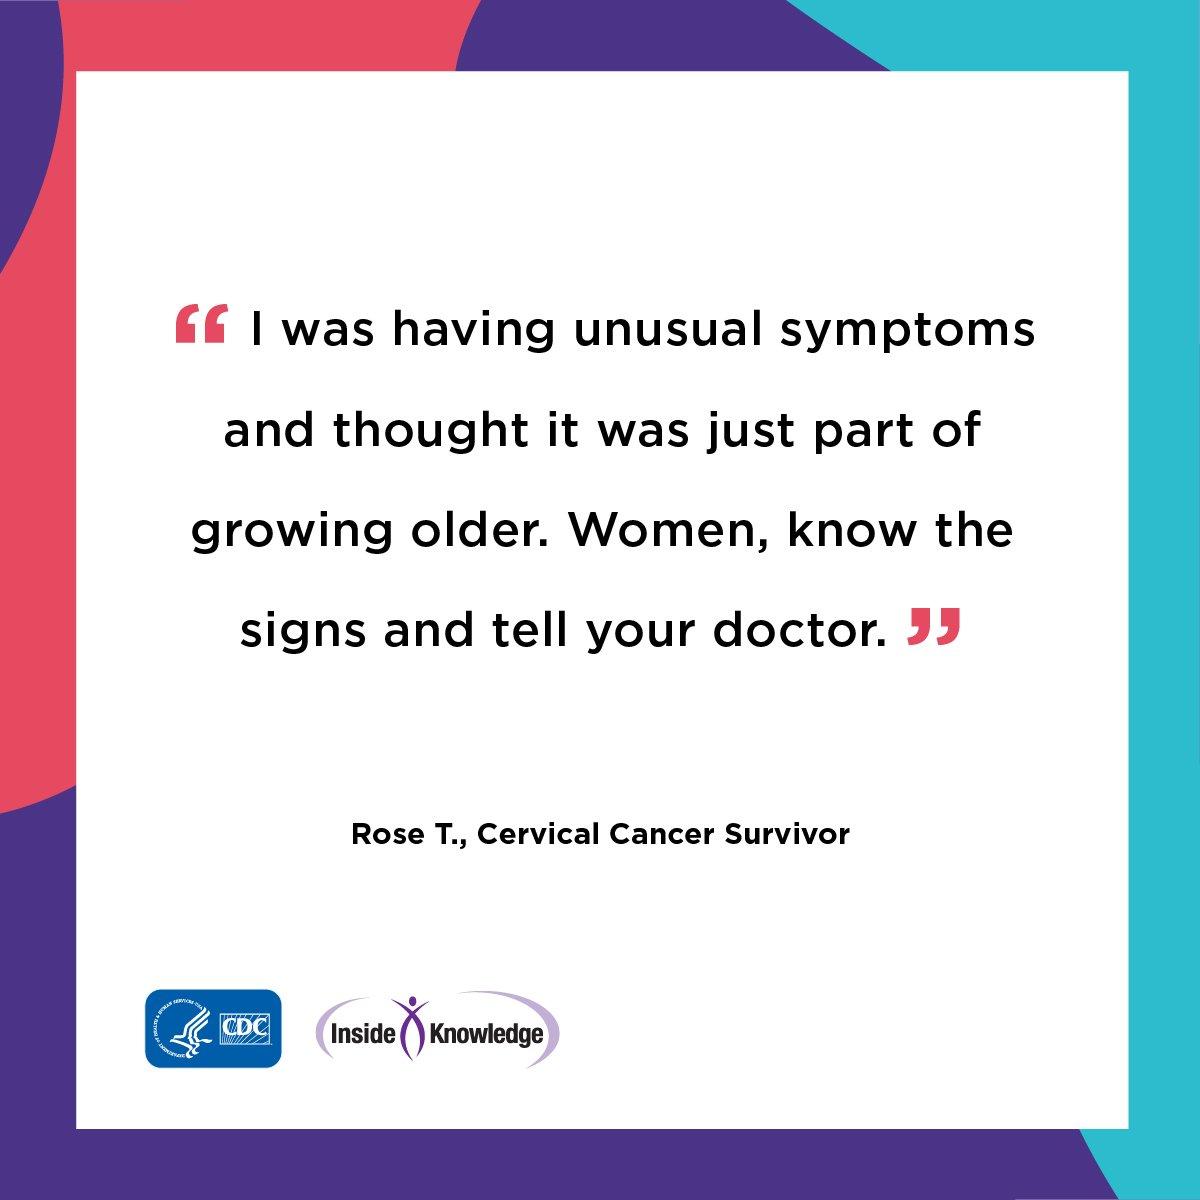 South Carolina Cervical Cancer Awareness Intitiative